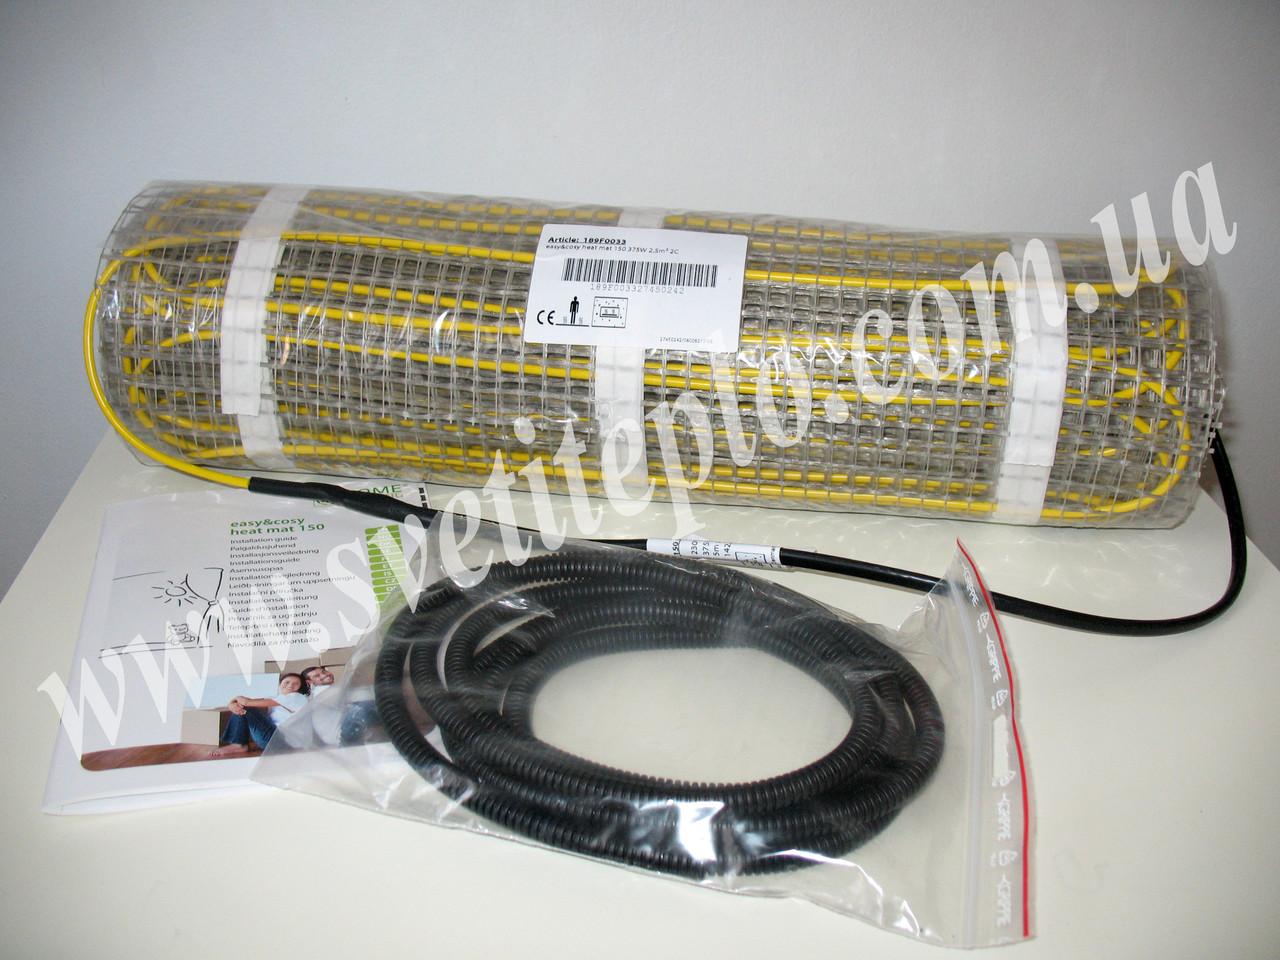 8 м2,  1200 Вт при 230V, двухжильный нагревательный мат, Home Heating